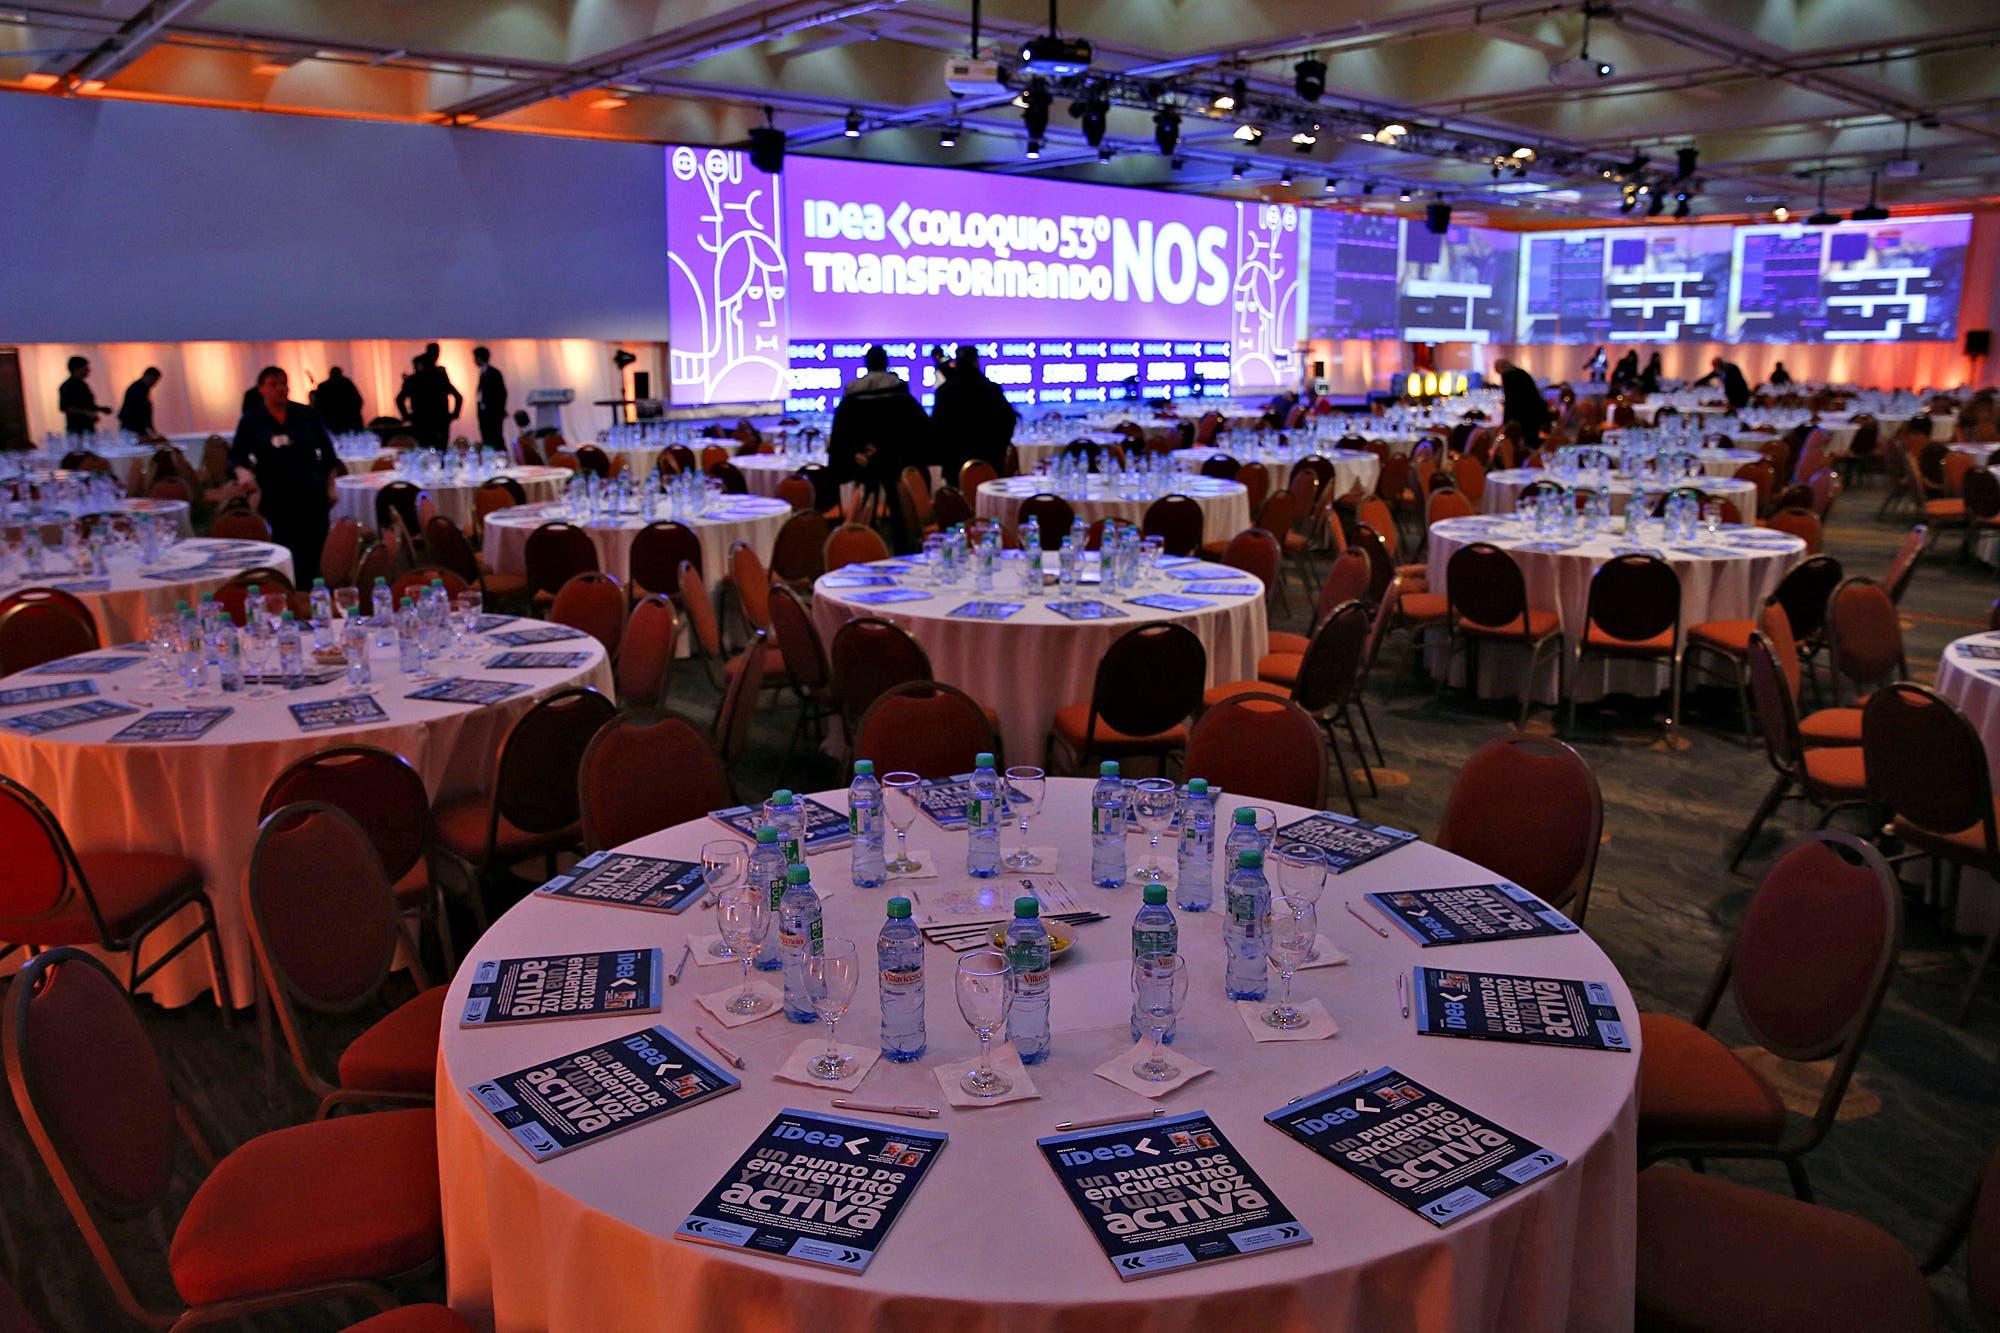 Coloquio de IDEA: con la presencia de figuras de la economía y la política, comienza la cumbre empresarial